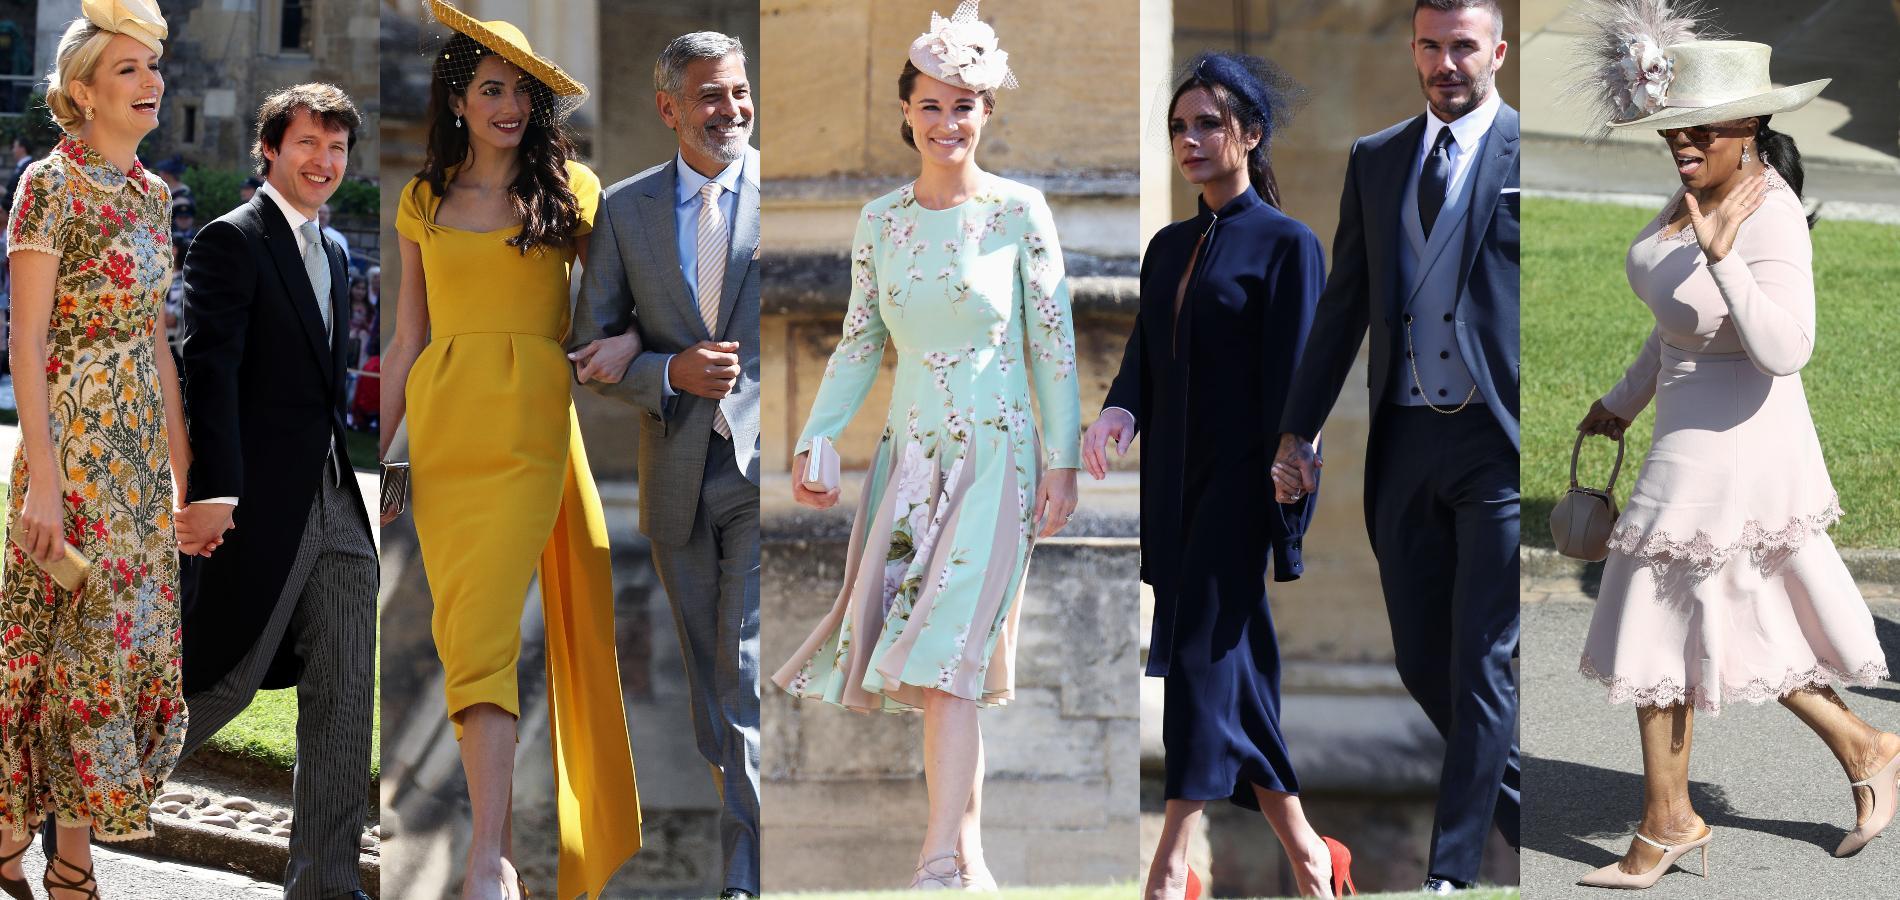 Qui du chic anglais ou américain triomphera au mariage de Meghan Markle et  du prince Harry ?